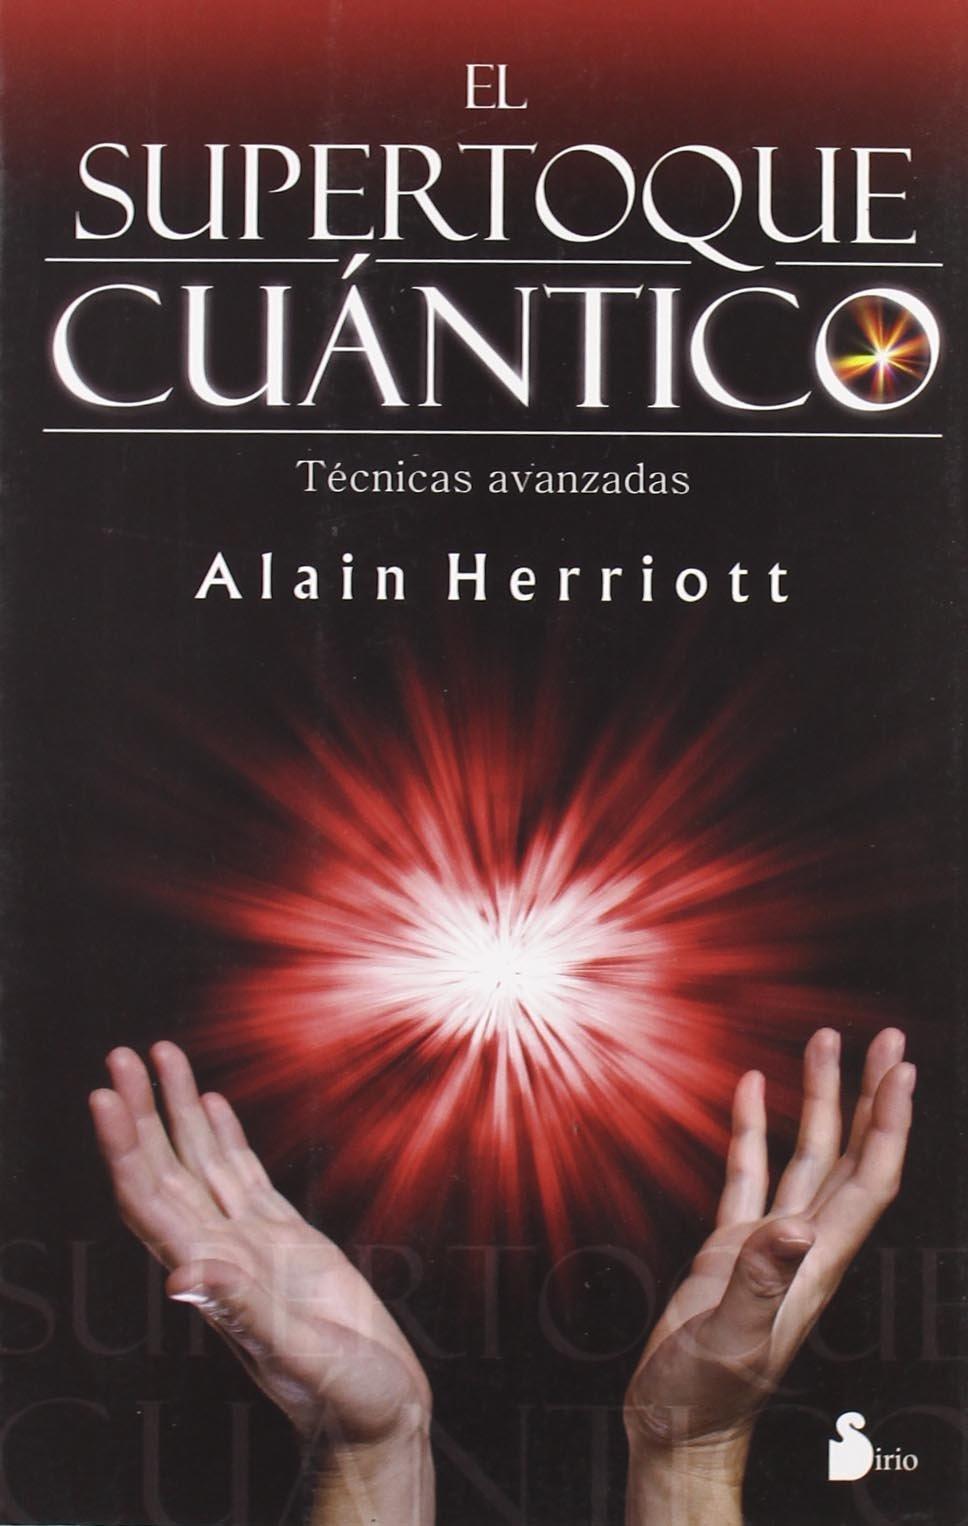 Download Supertoque cuantico, El (Spanish Edition) pdf epub